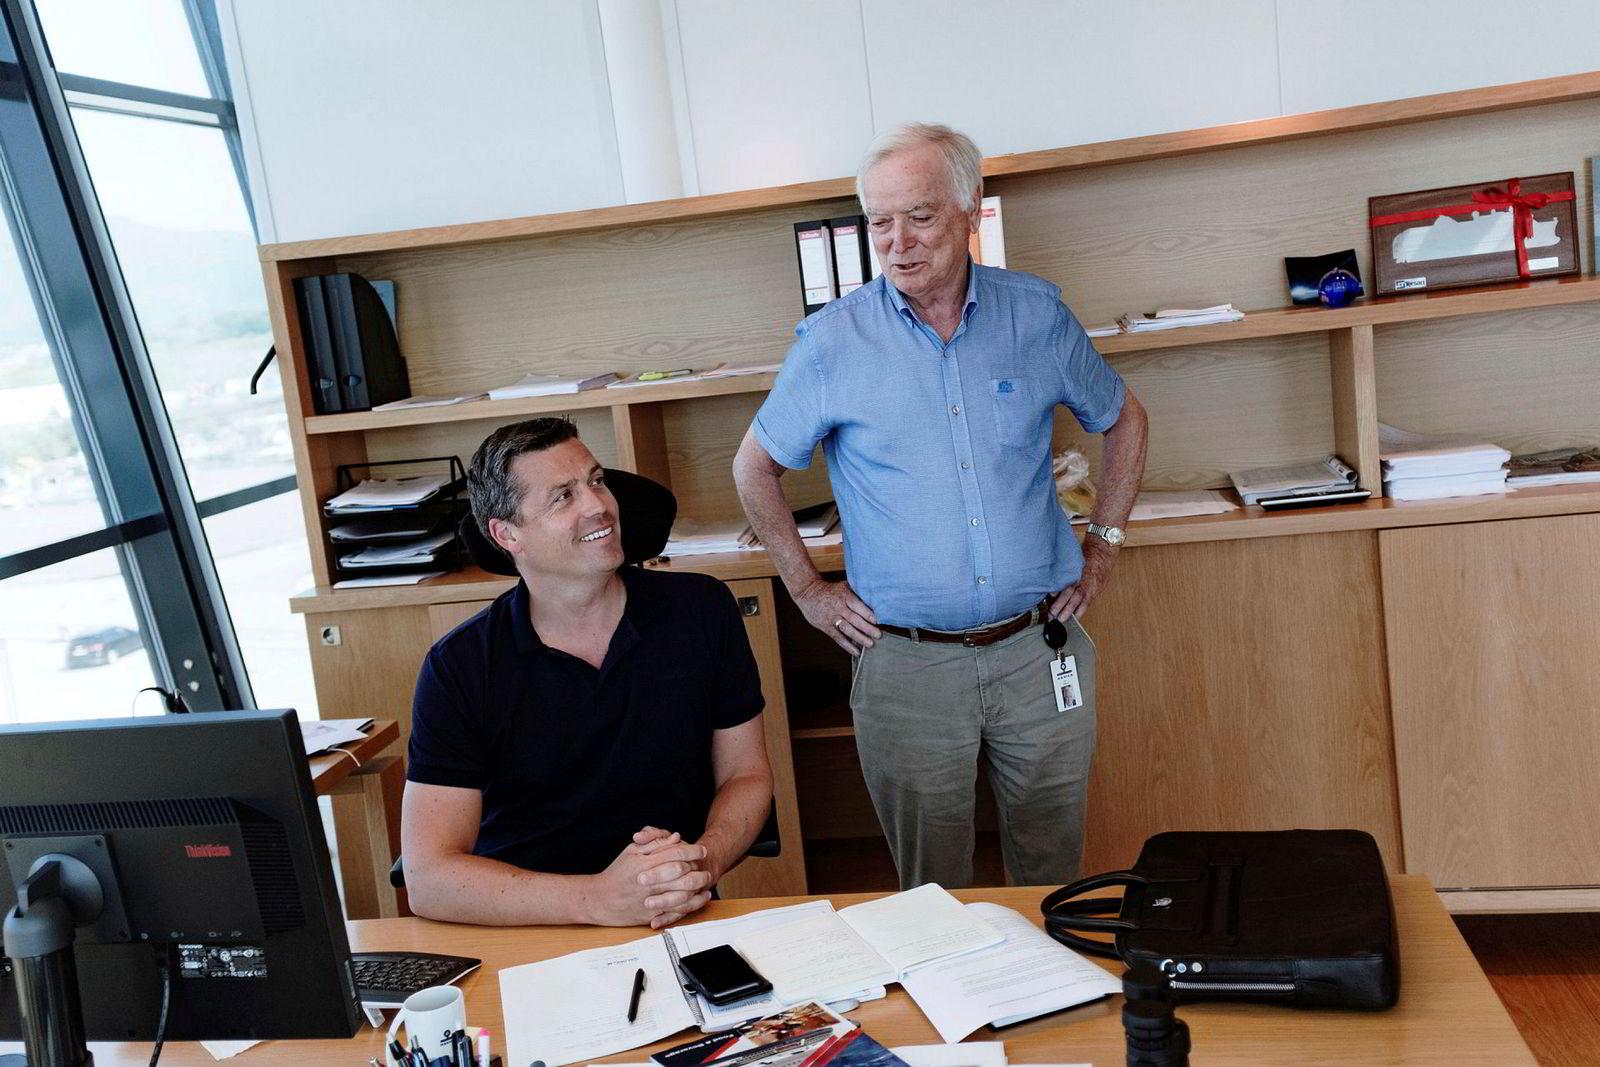 Administrerende direktør Arild Myrvoll (til venstre) i Havila Kystruten og konsernsjef Per Sævik i Havila Holding. Bildet er tatt i Fosnavåg i juli i år.